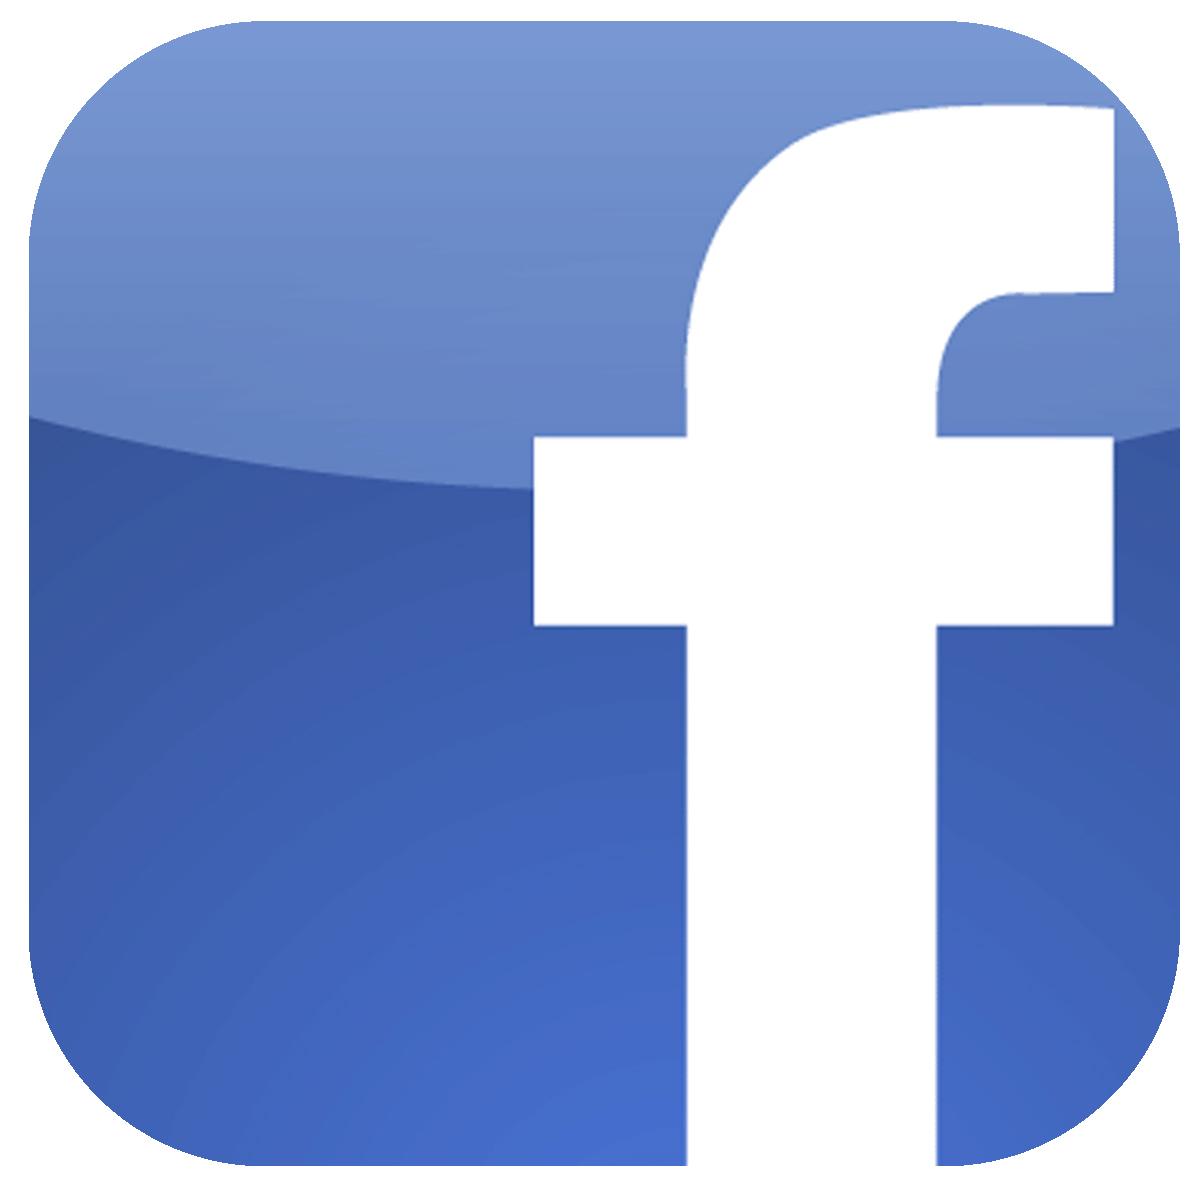 Public Authority Registry Facebook